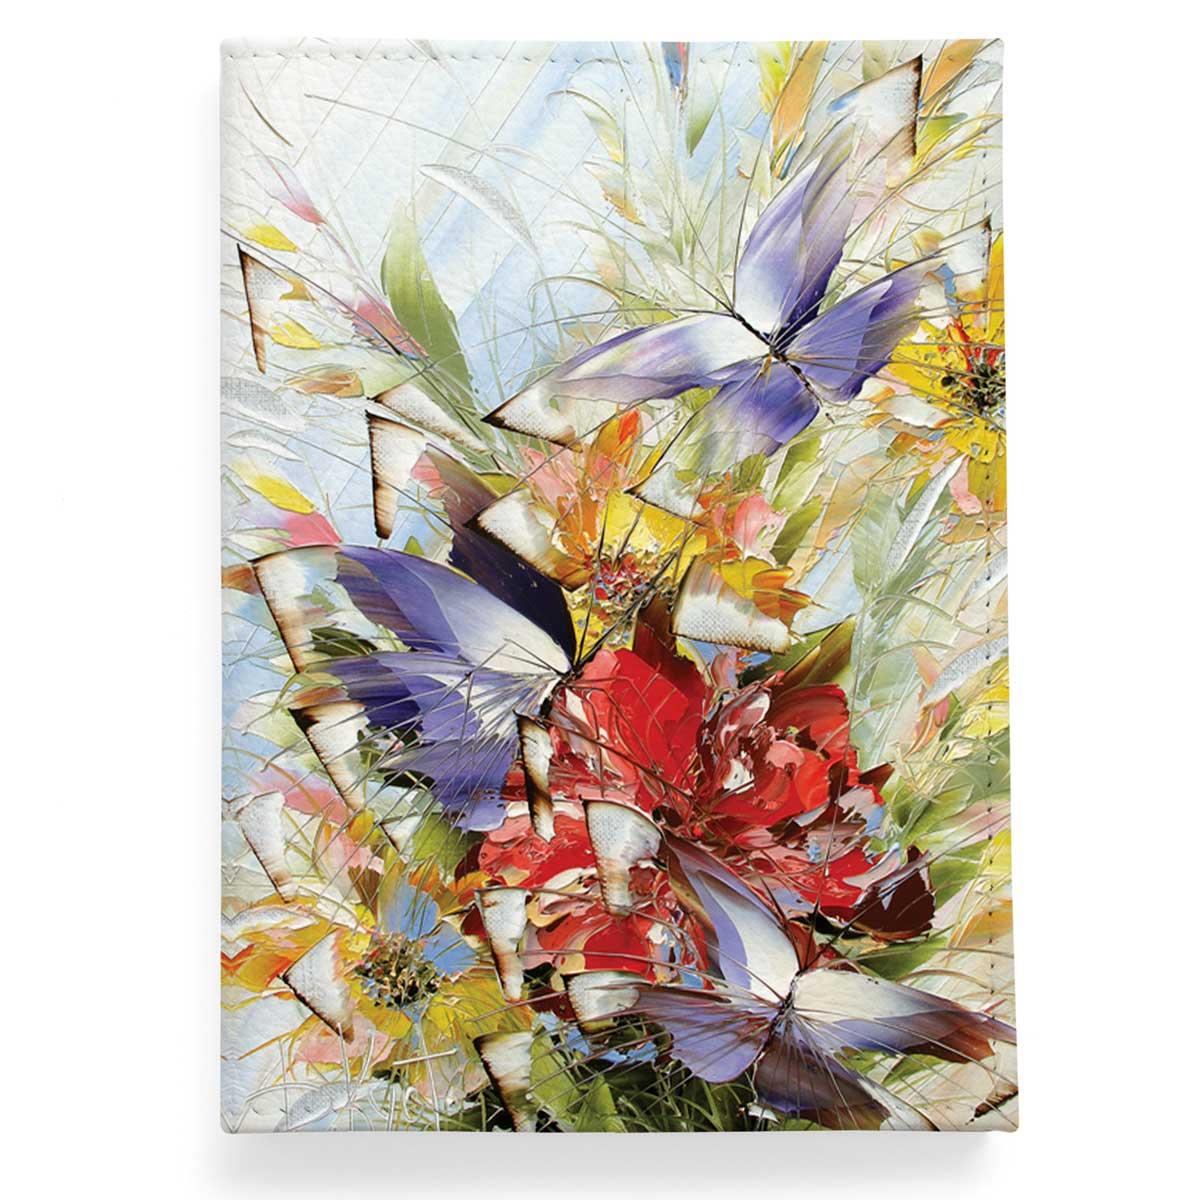 Обложка для паспорта по картине Дмитрия Кустановича из серии «Бабочки»